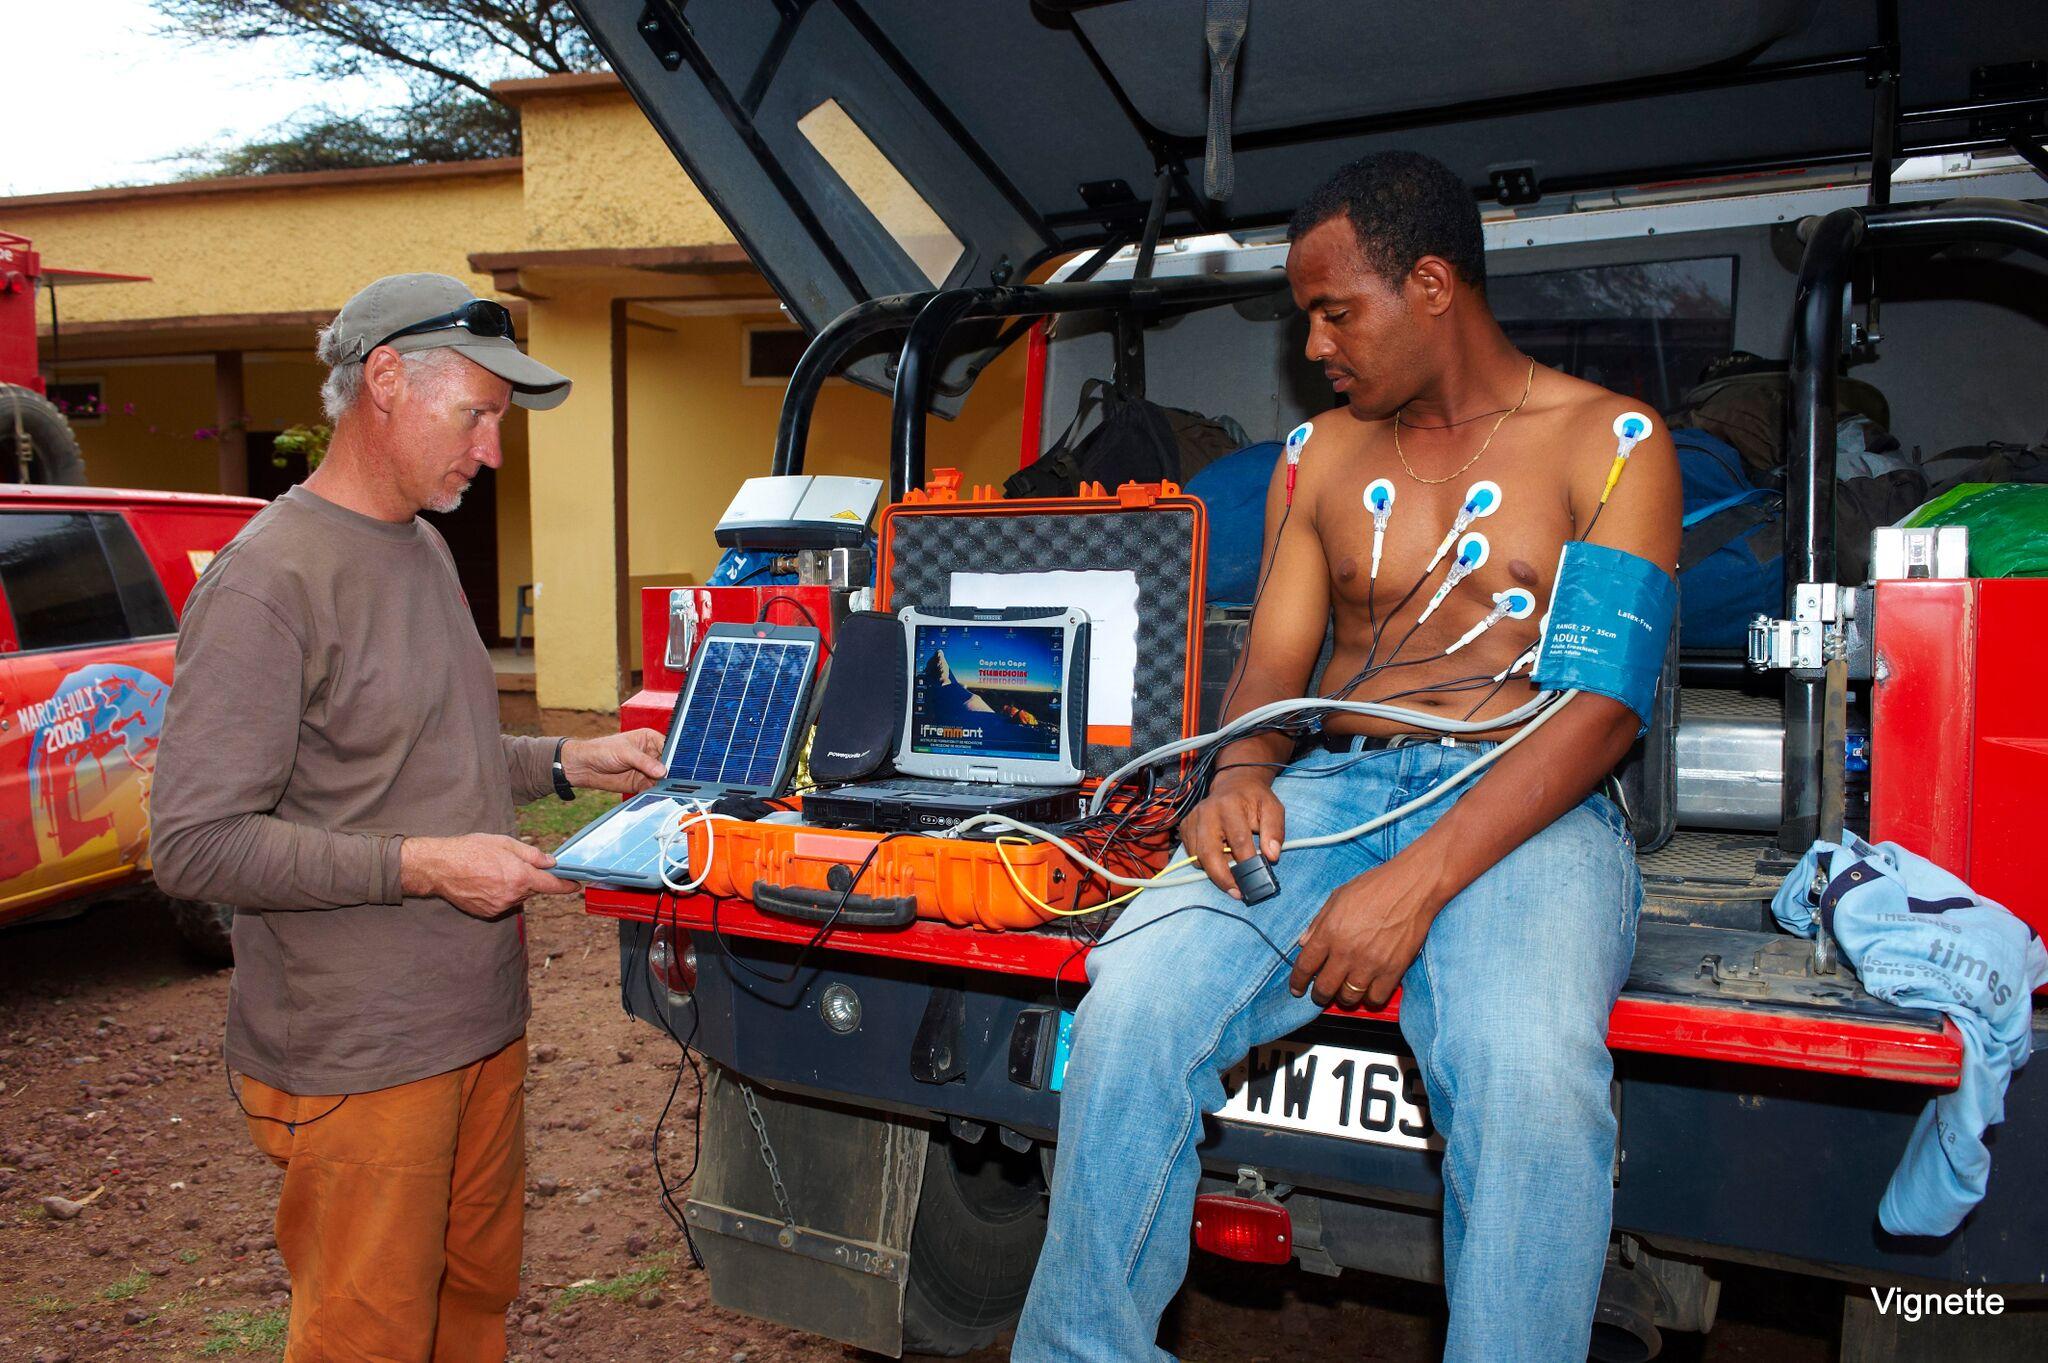 Powertraveller ptl-sg002 solargorilla solar panel